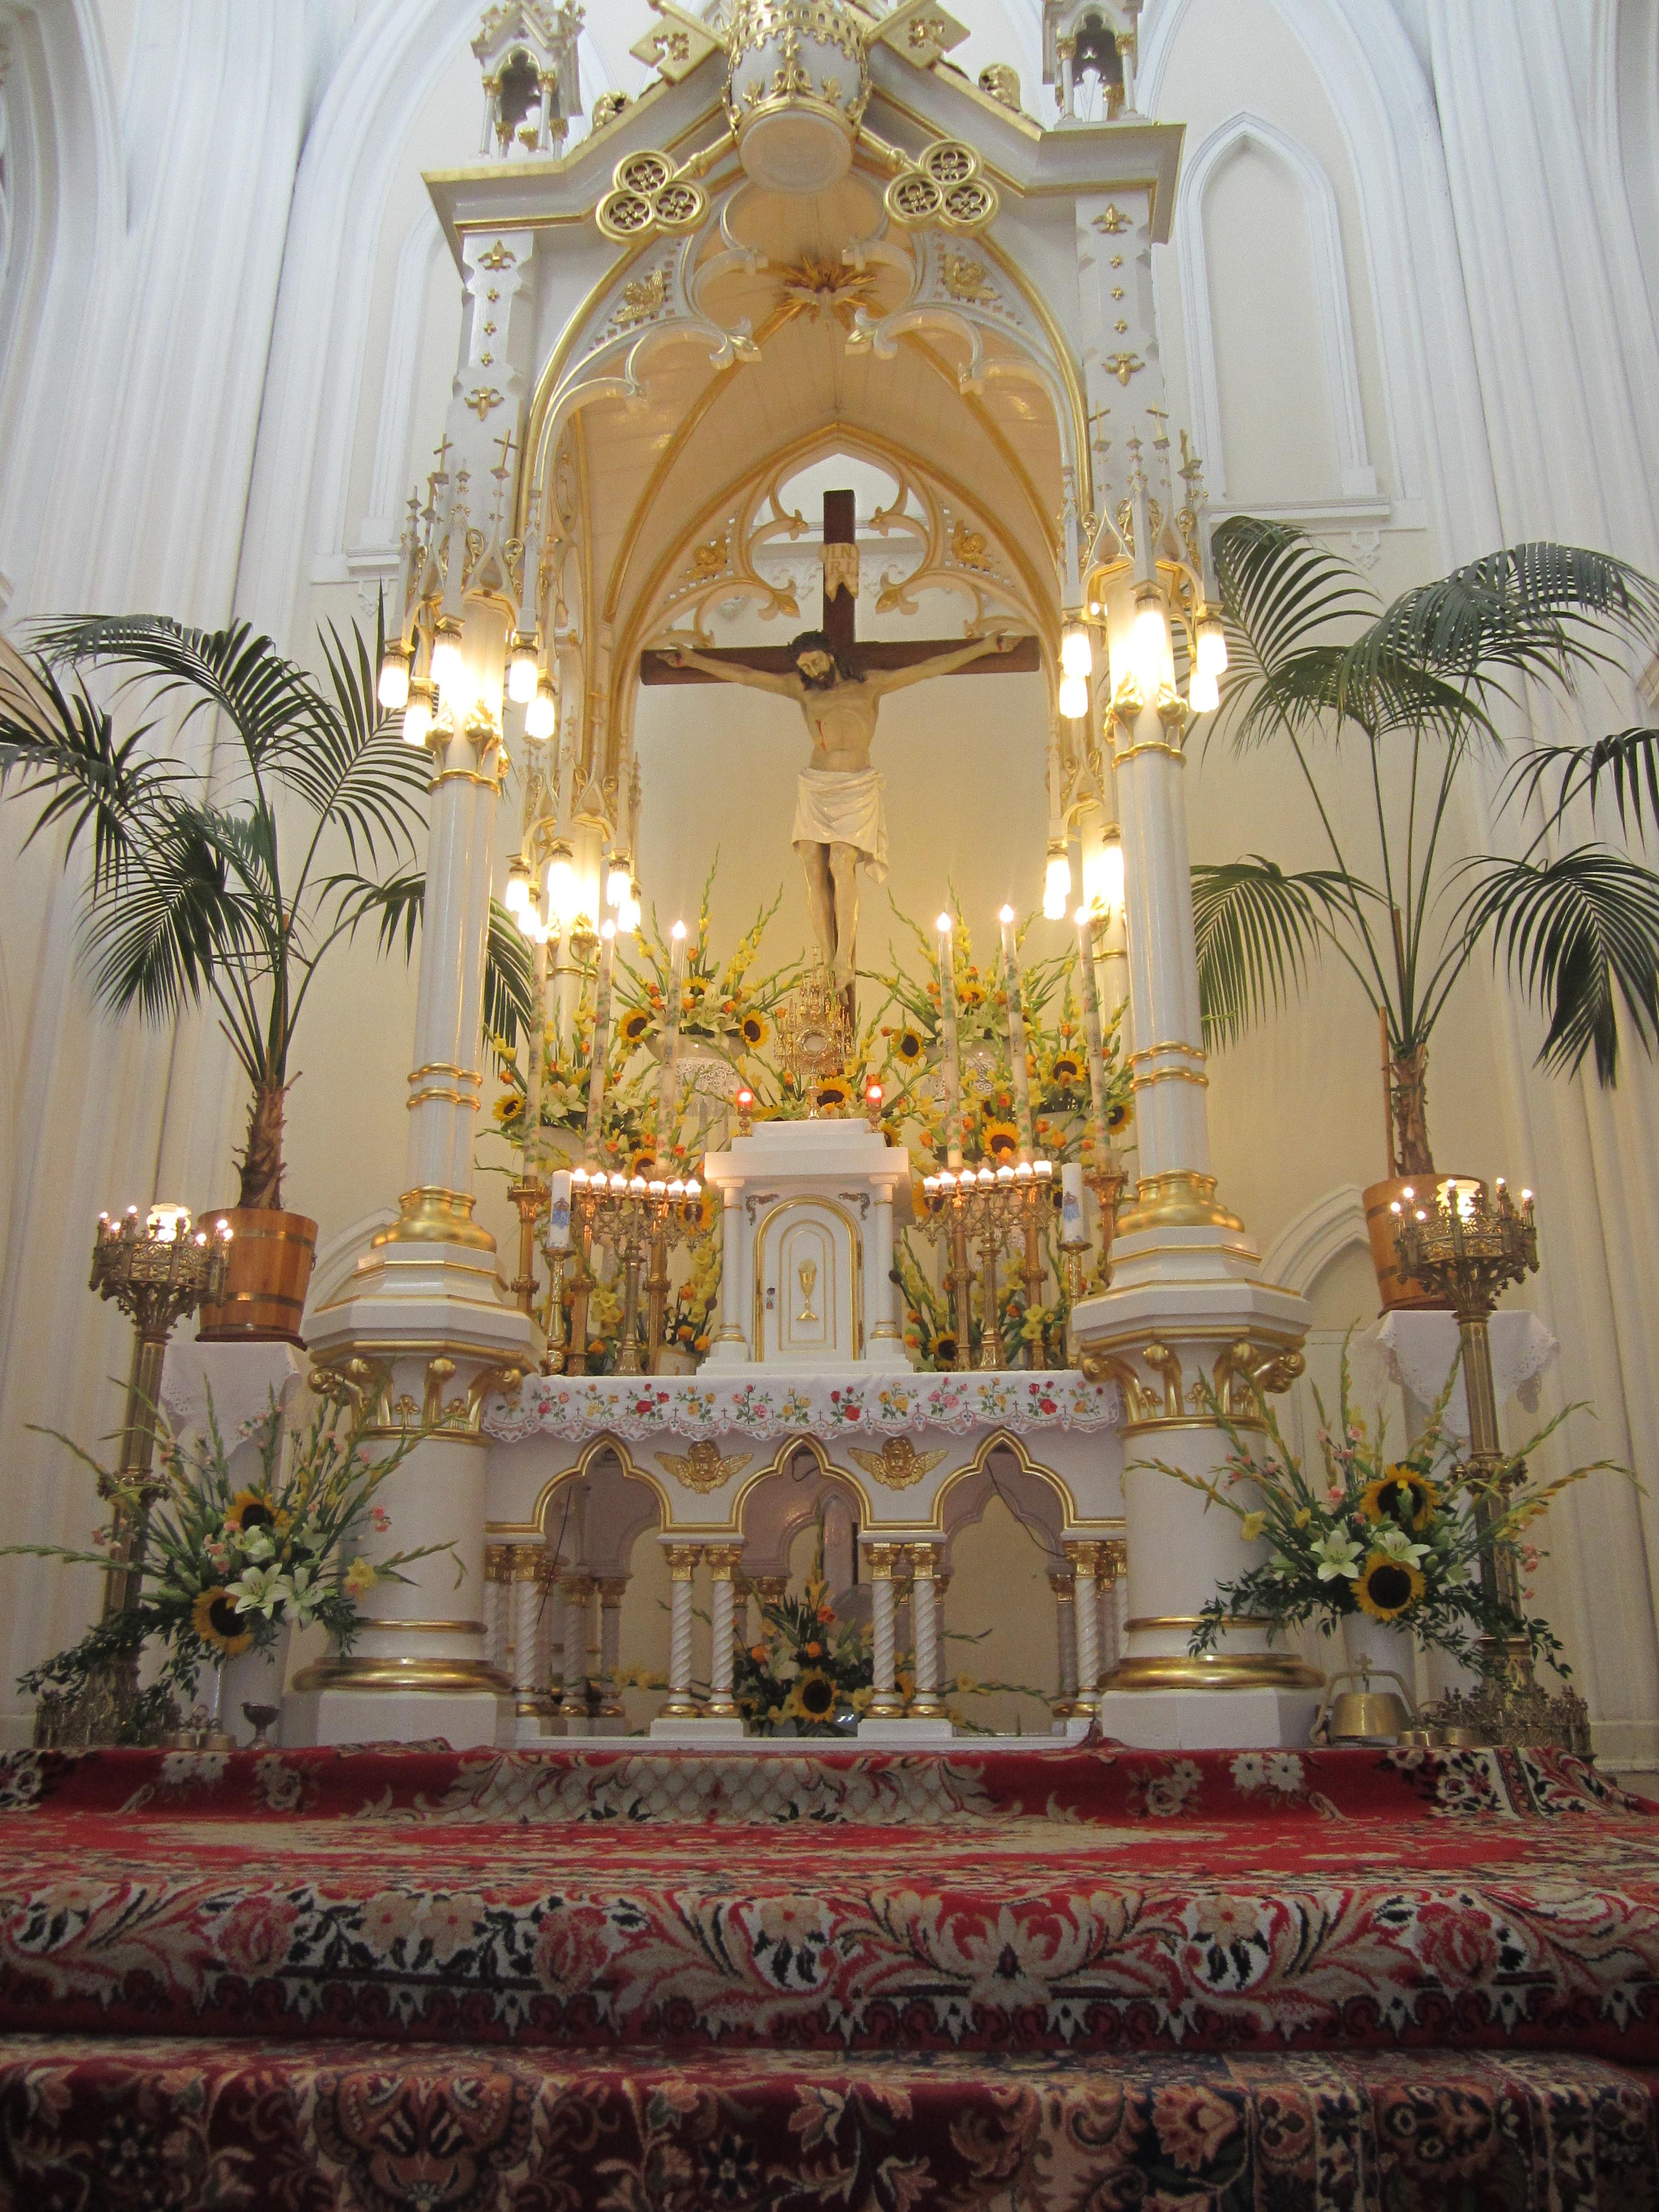 Ołtarz w katedrze mariawickiej w Płocku.JPG